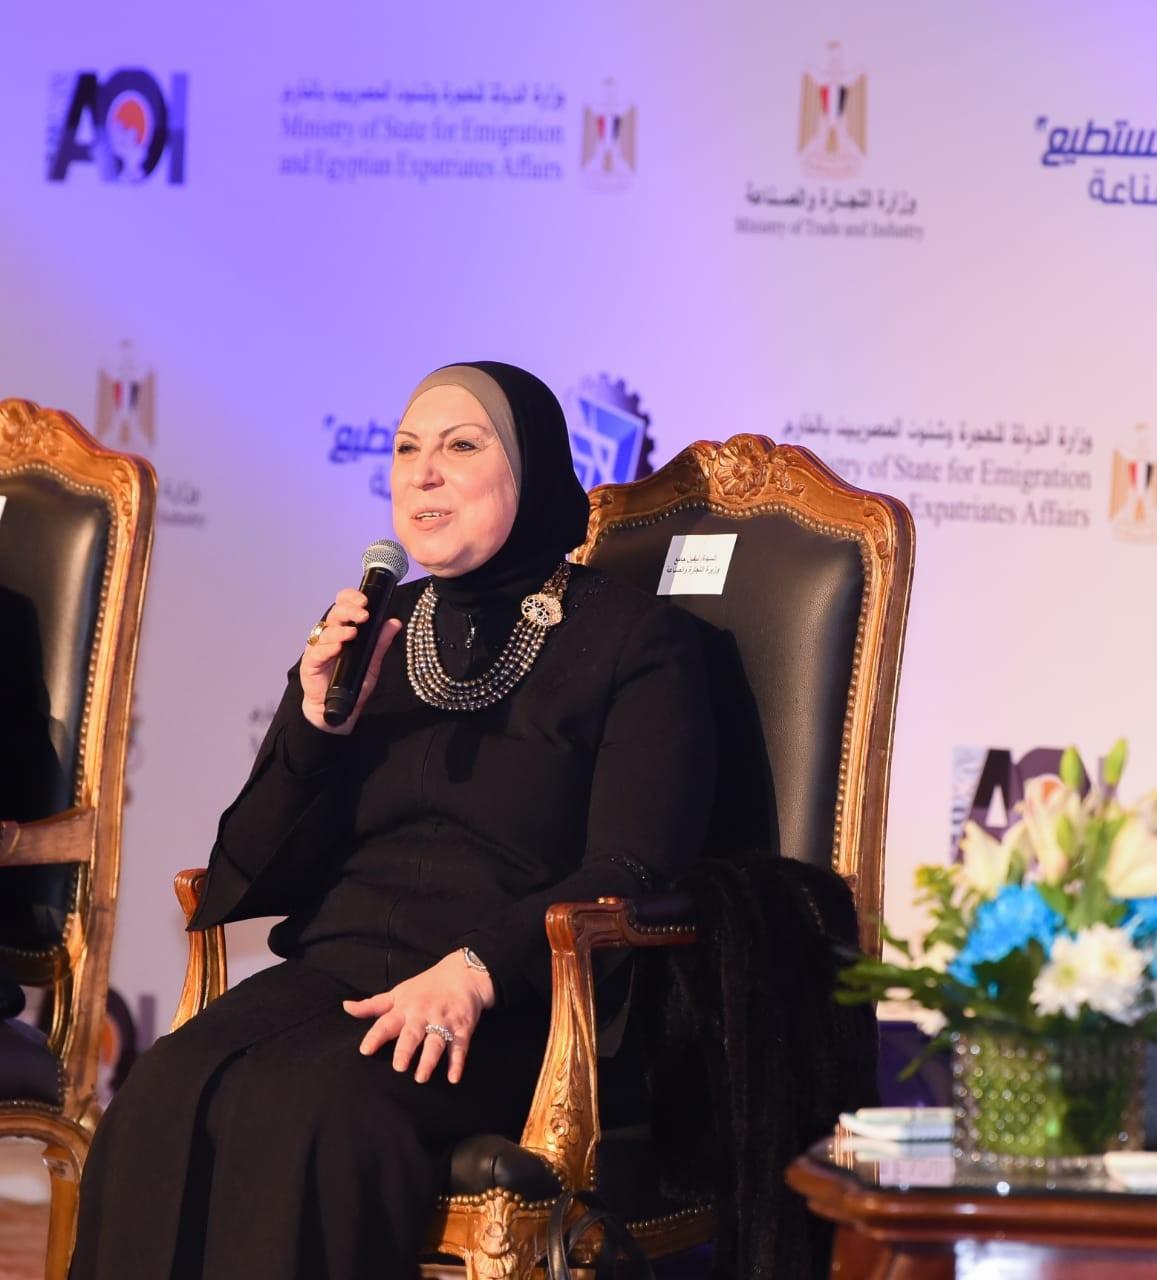 وزيرة التجارة: تعميق التصنيع المحلي وزيادة معدلات التصدير على رأس أولويات الوزارة